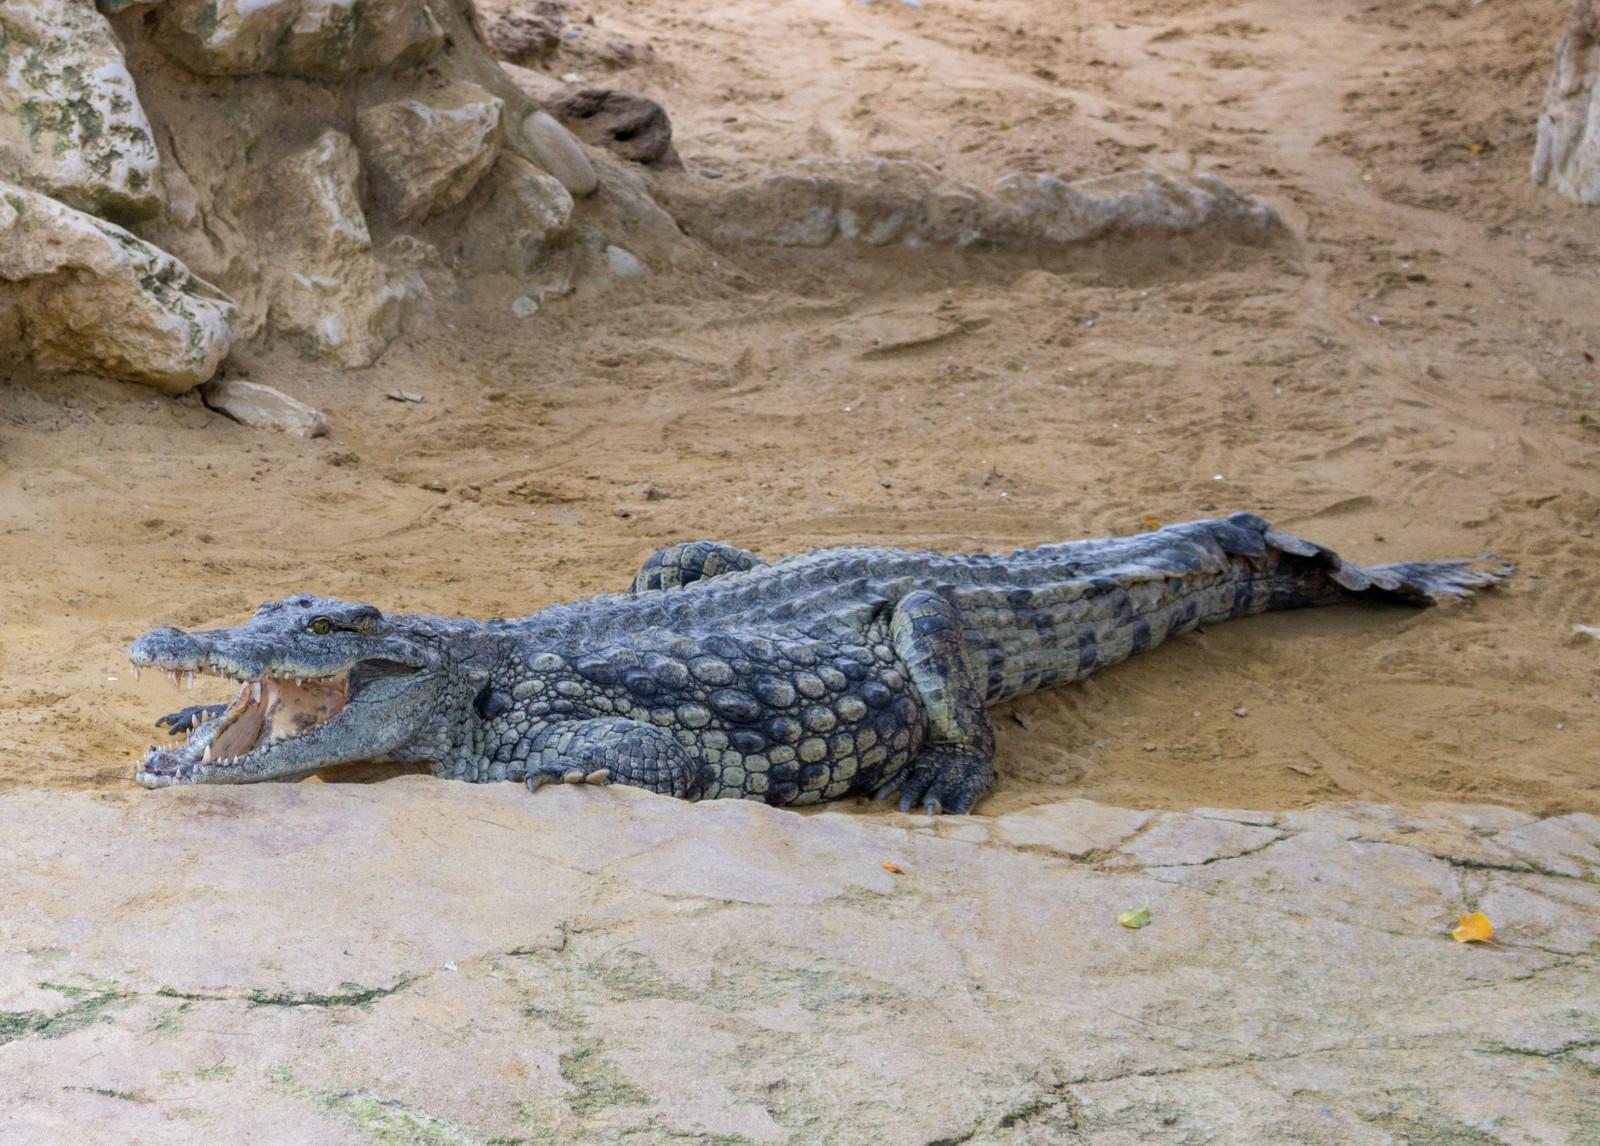 famille ferme aux crocodiles